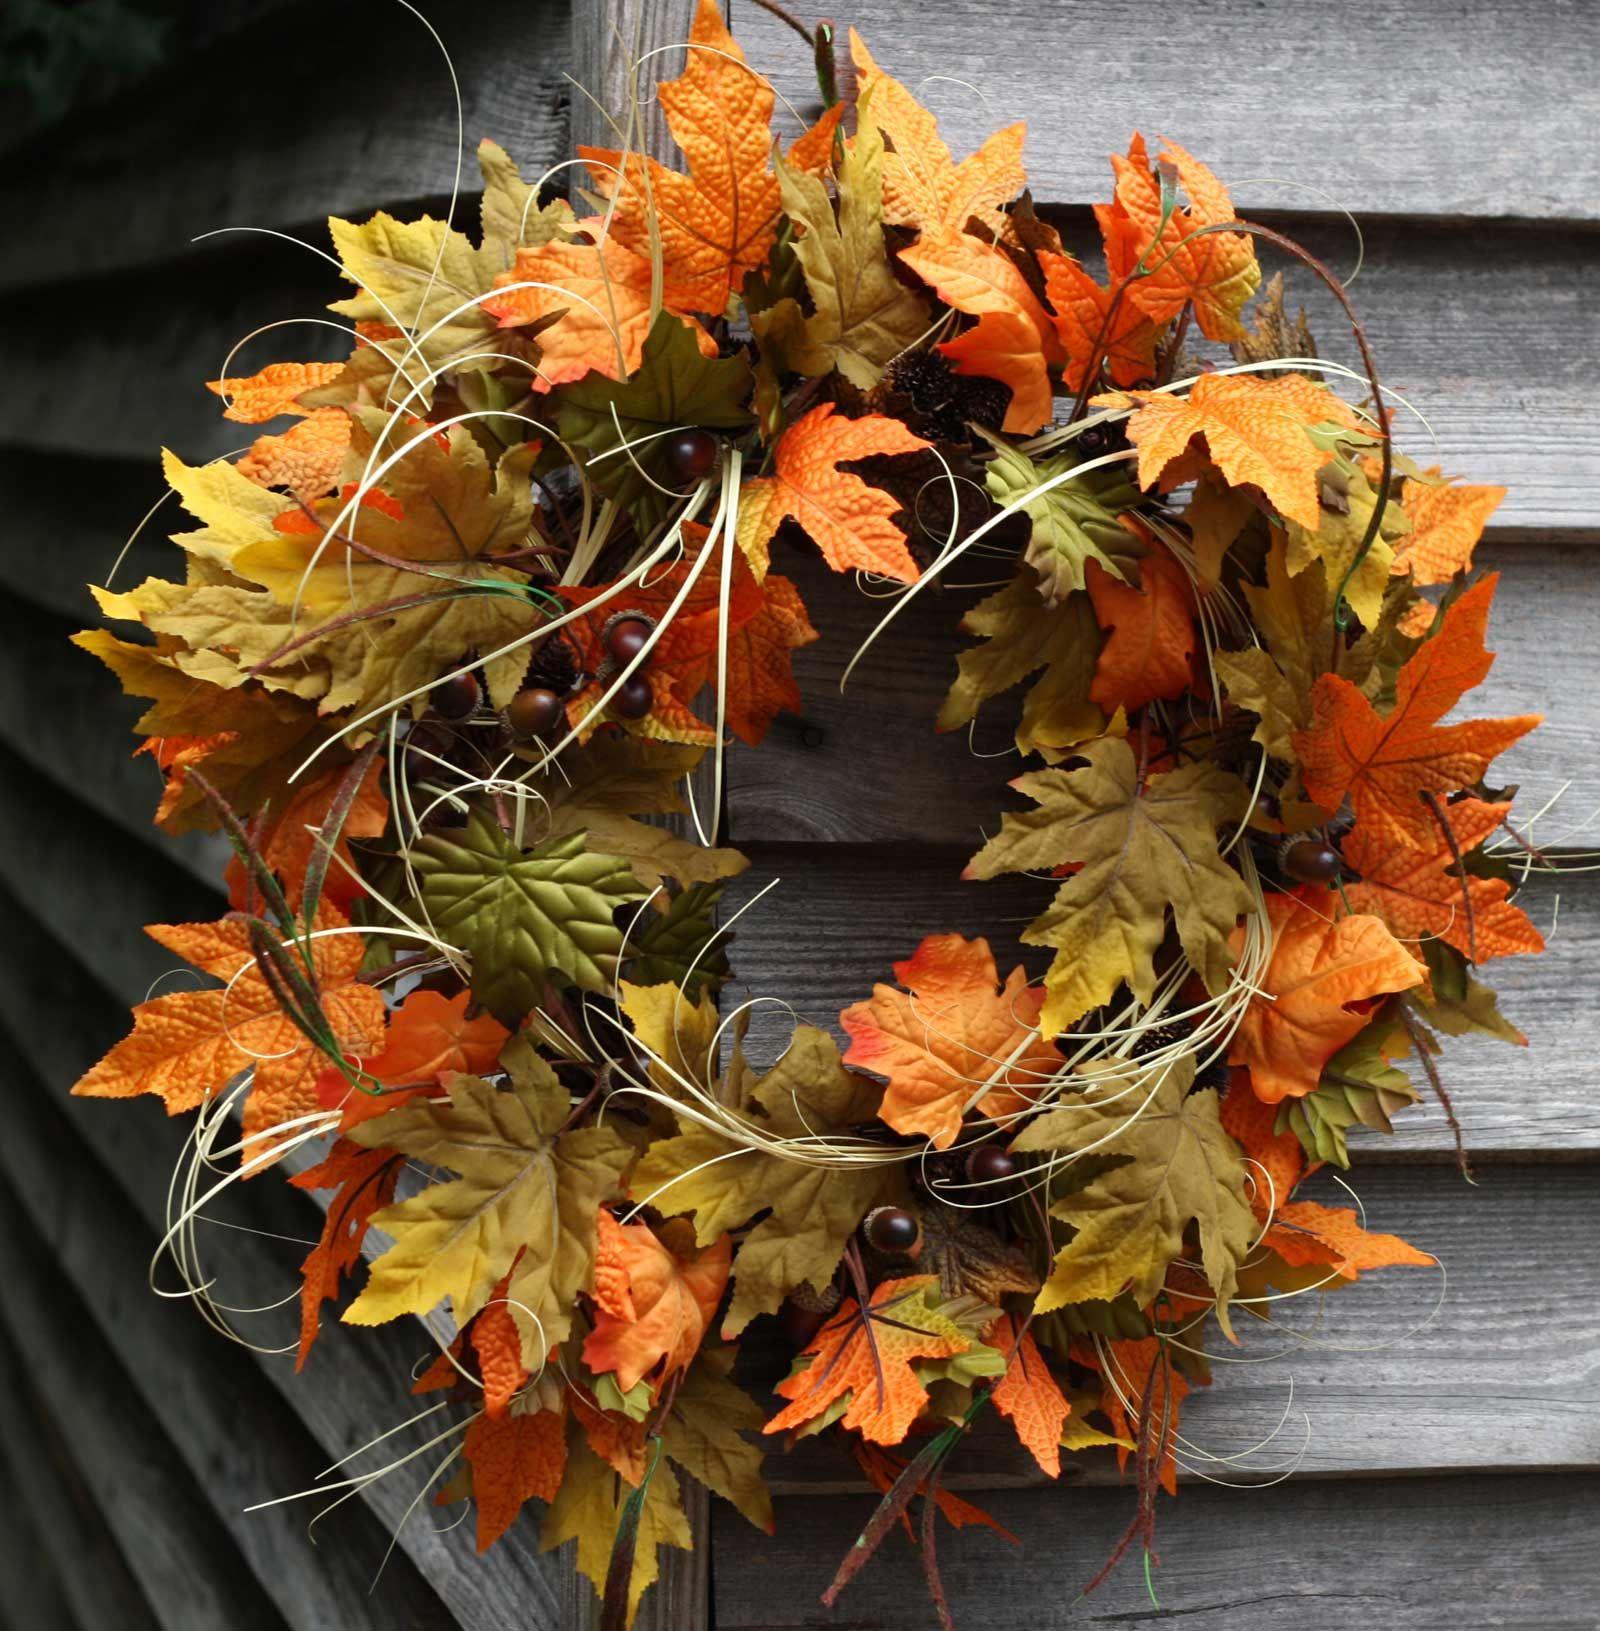 Herbstkränze aus wundervollen Herbstblättern